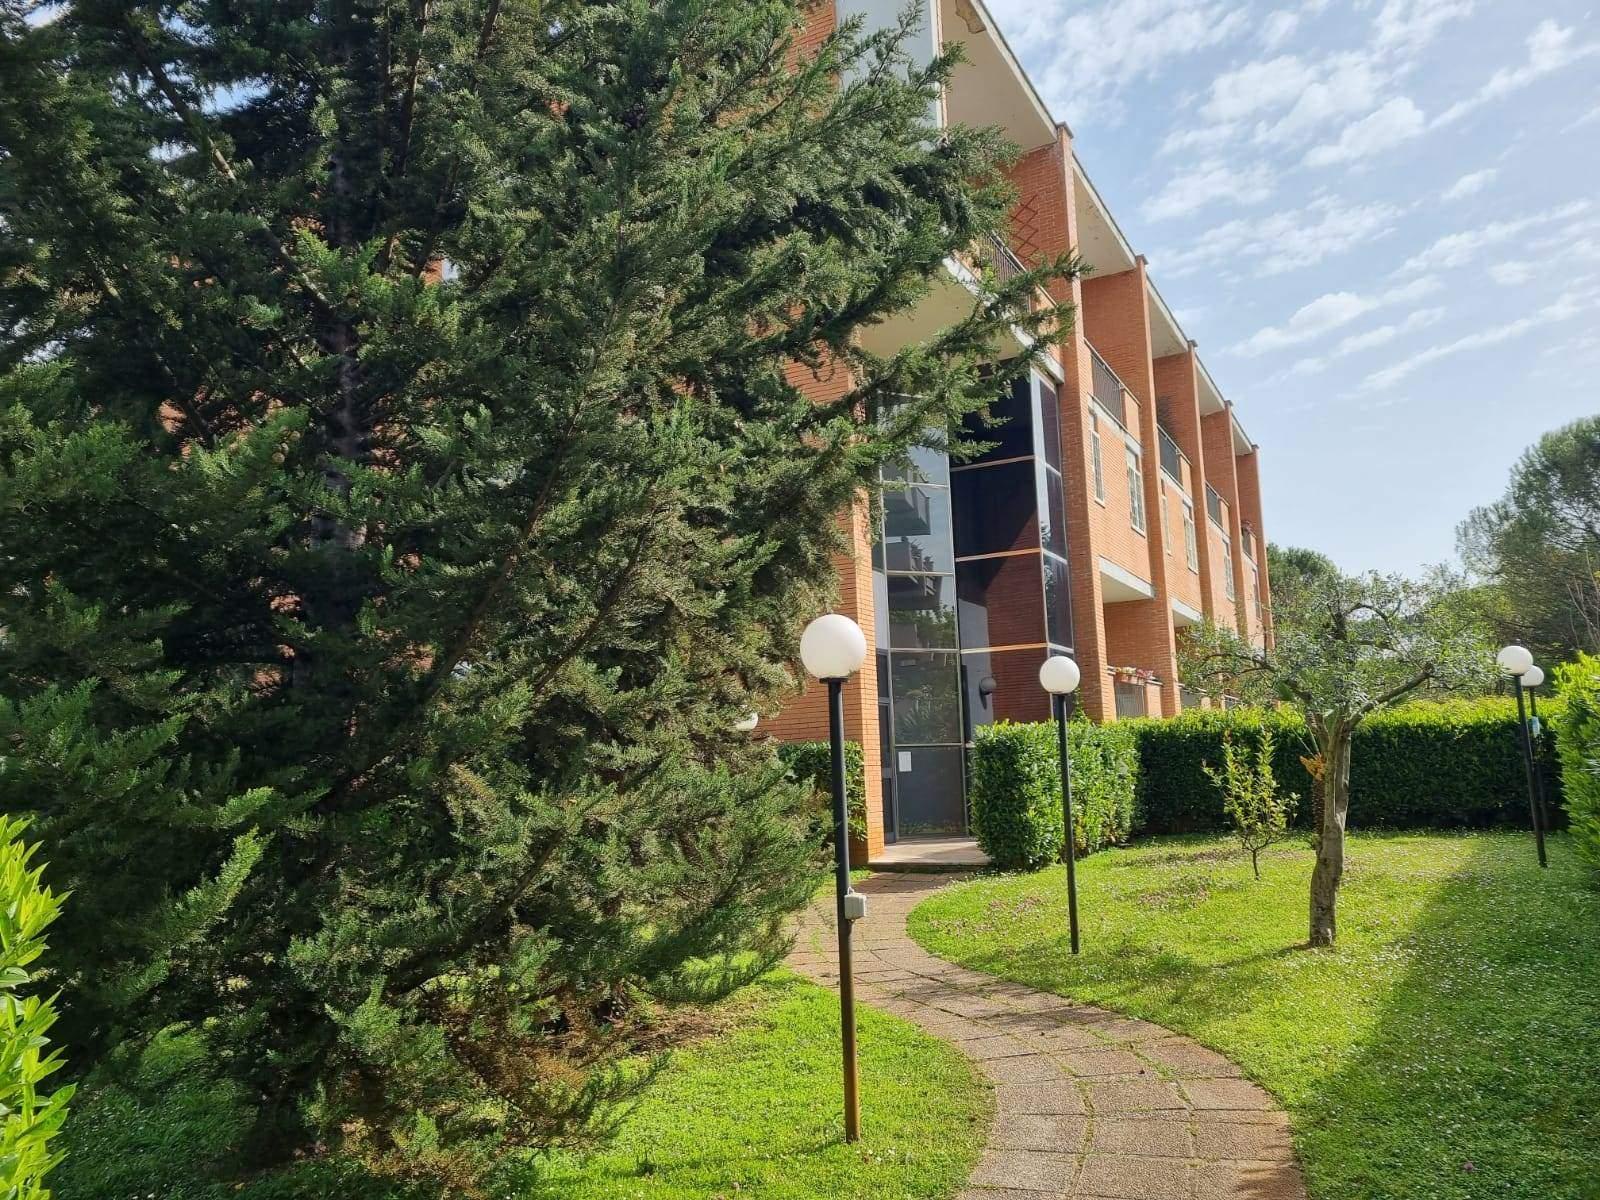 Casal de Pazzi Via Giuseppe Antonio Pasquale adiacente Via Nomentana in stabile in cortina e giardino condominiale proponiamo in affitto appartamento